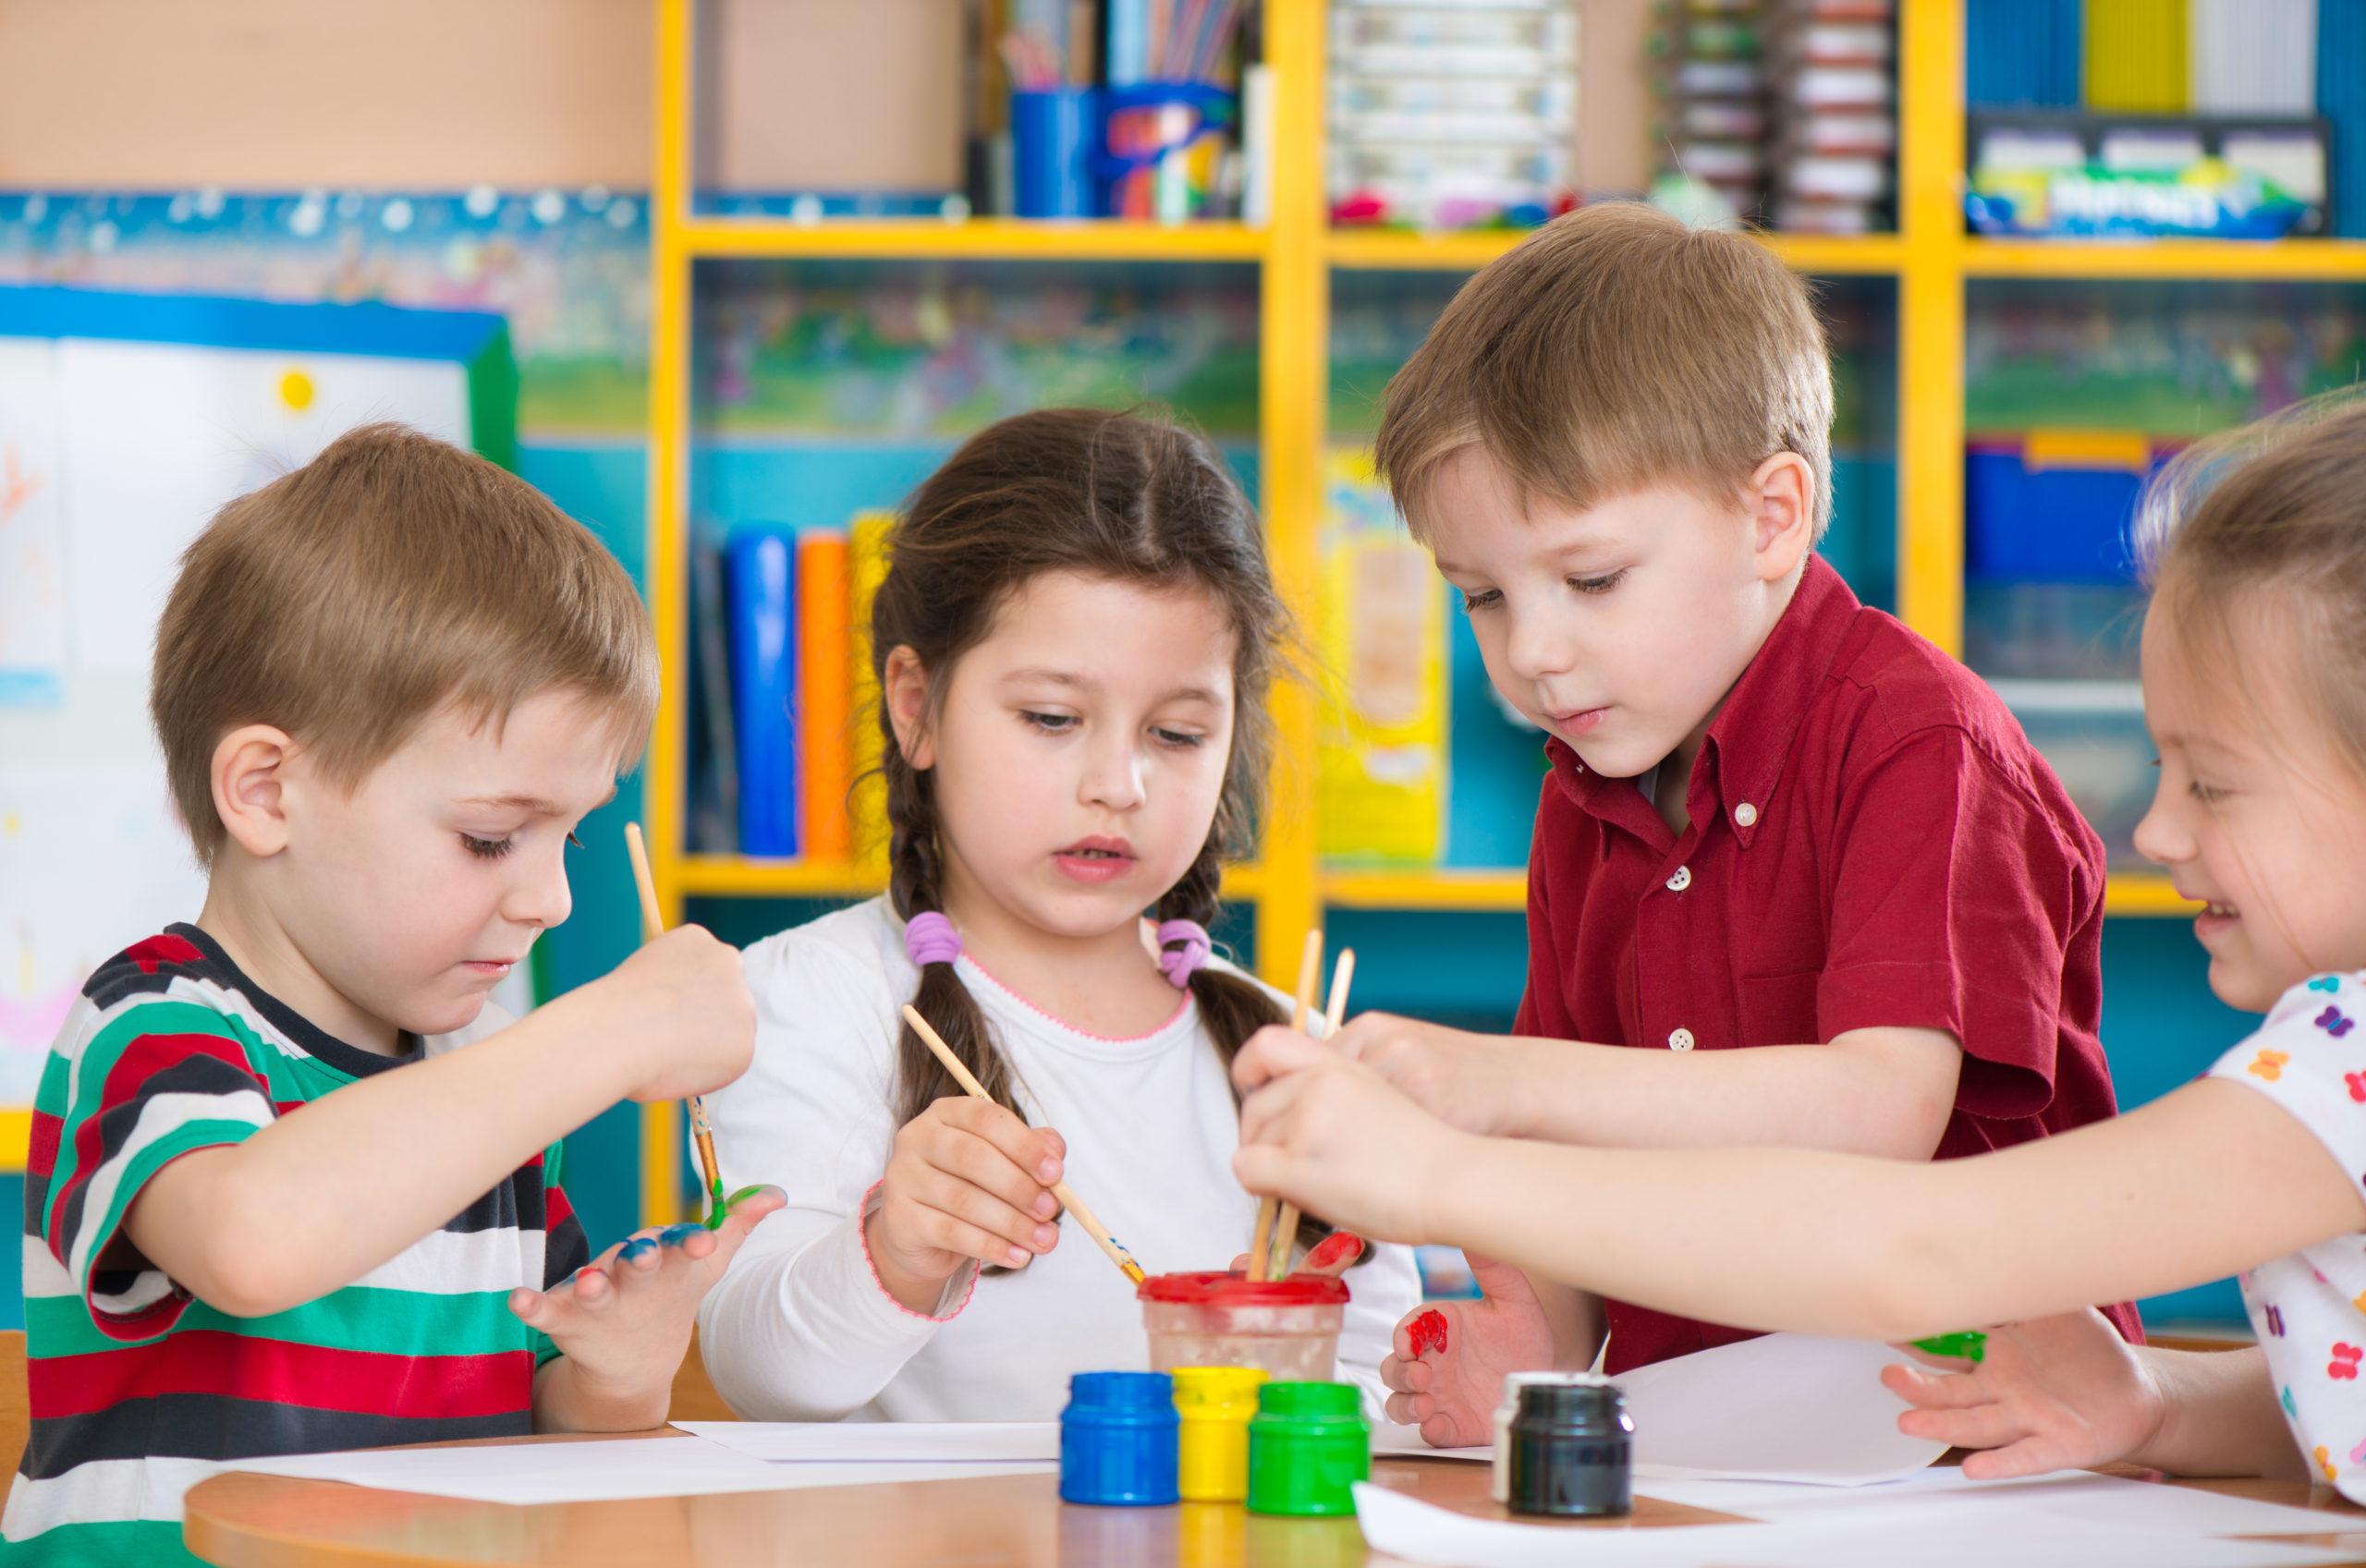 【保育カレッジ】子どもたちの発達について~Ecological systems theoryとは?~